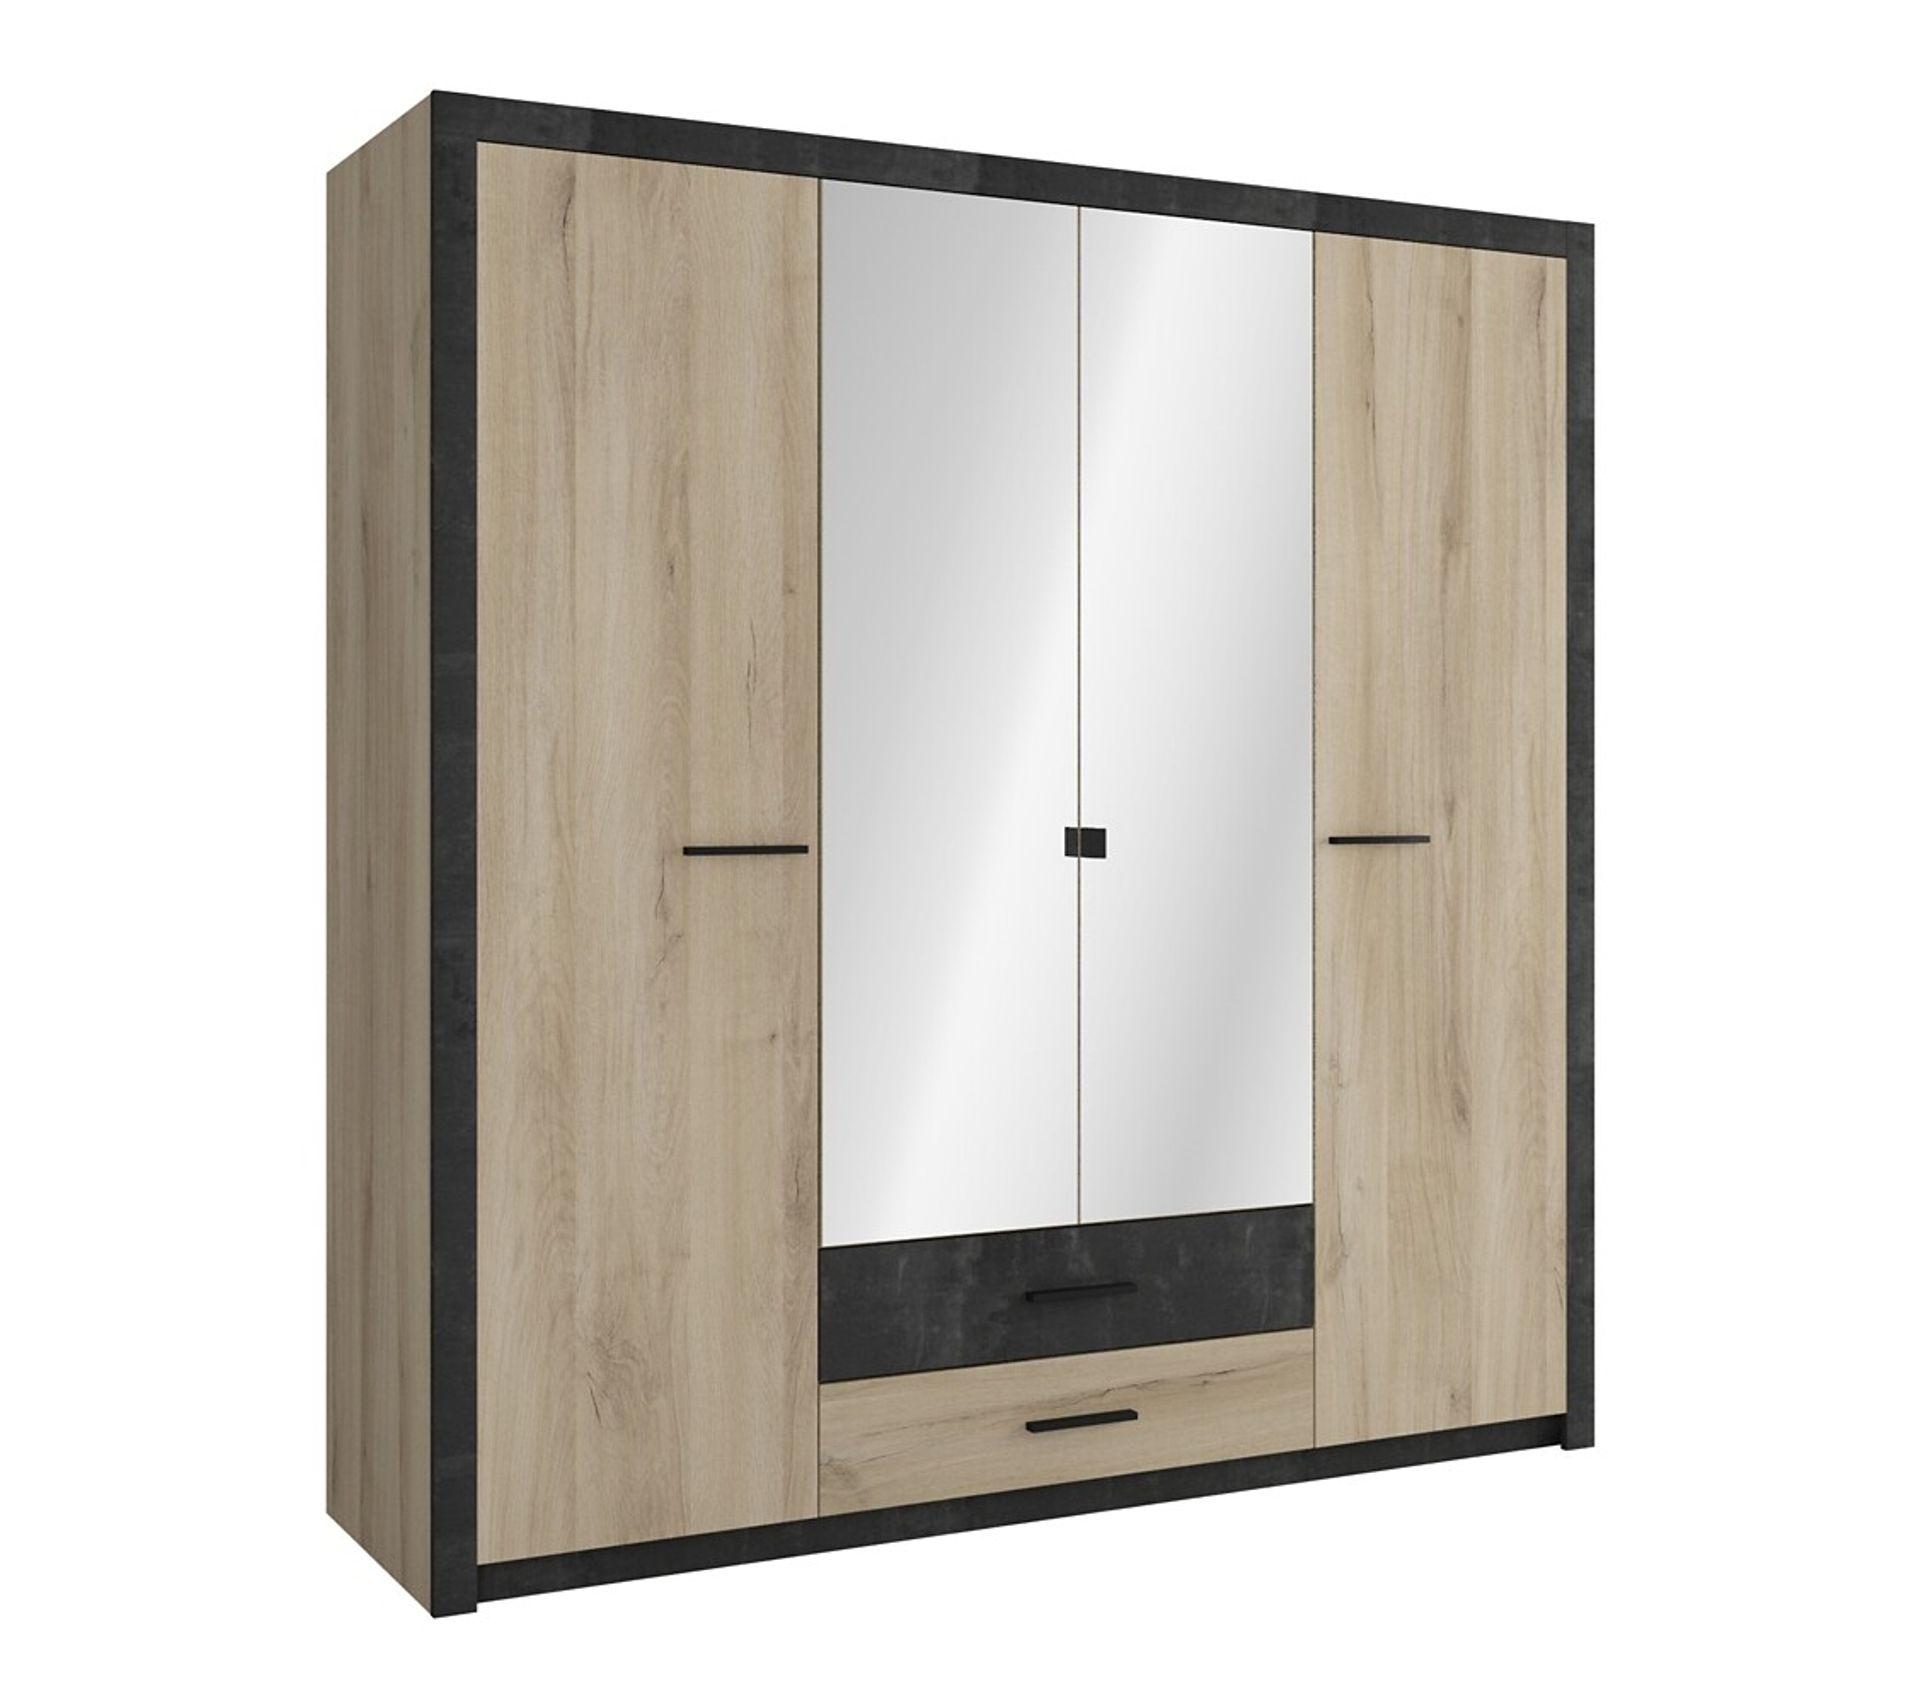 Armoire 4 Portes Avec Miroir Lingere Et Penderie Colo Style Industriel Armoire But